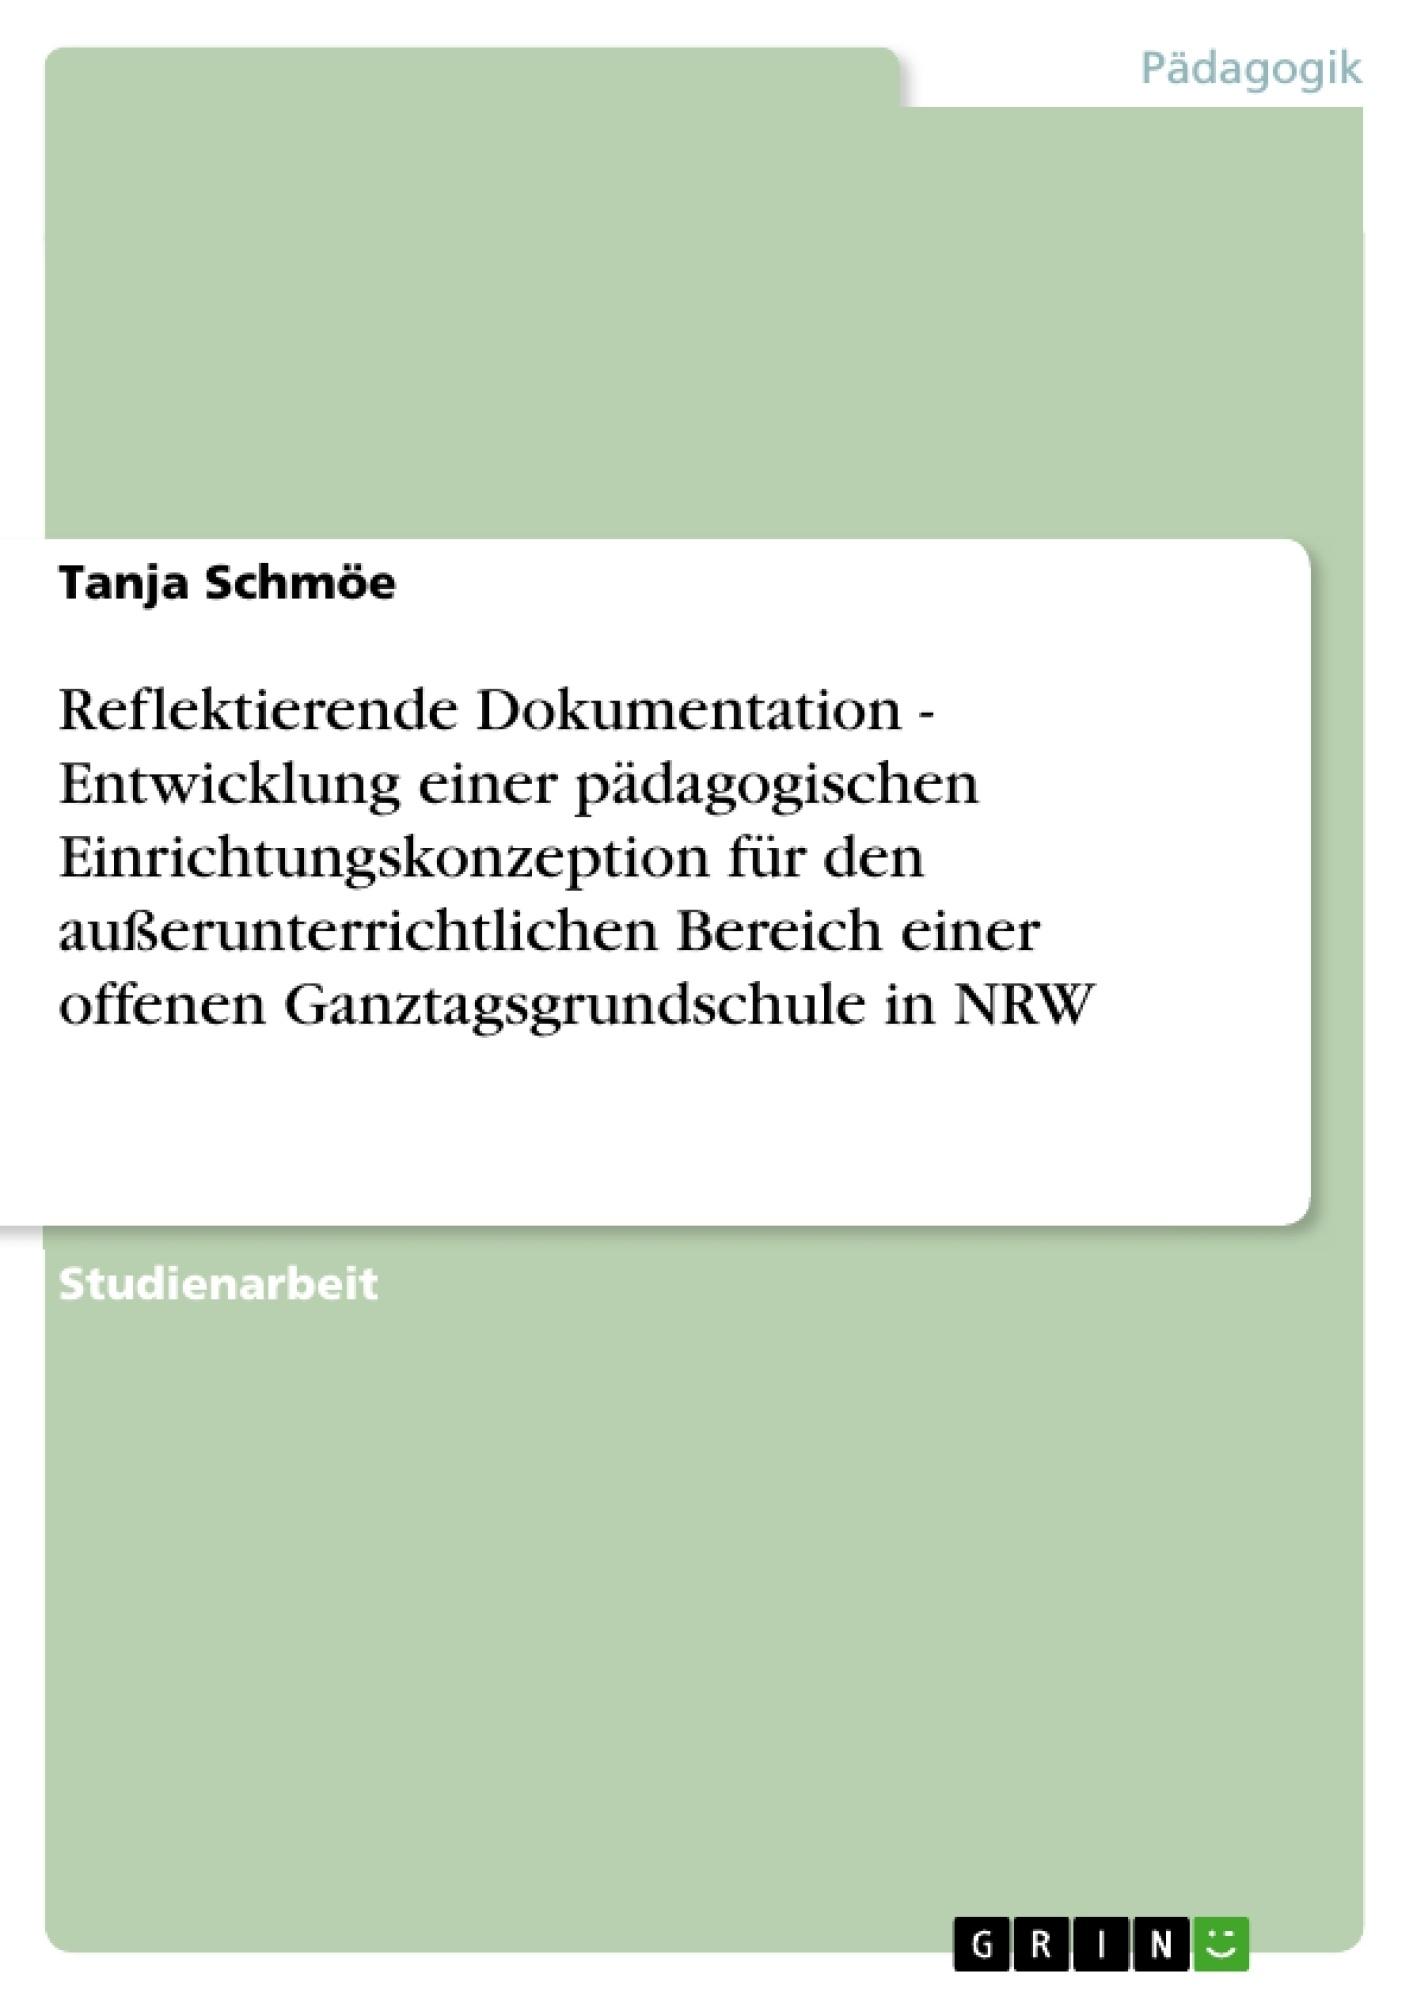 Titel: Reflektierende Dokumentation - Entwicklung einer pädagogischen Einrichtungskonzeption für den außerunterrichtlichen Bereich einer offenen Ganztagsgrundschule in NRW